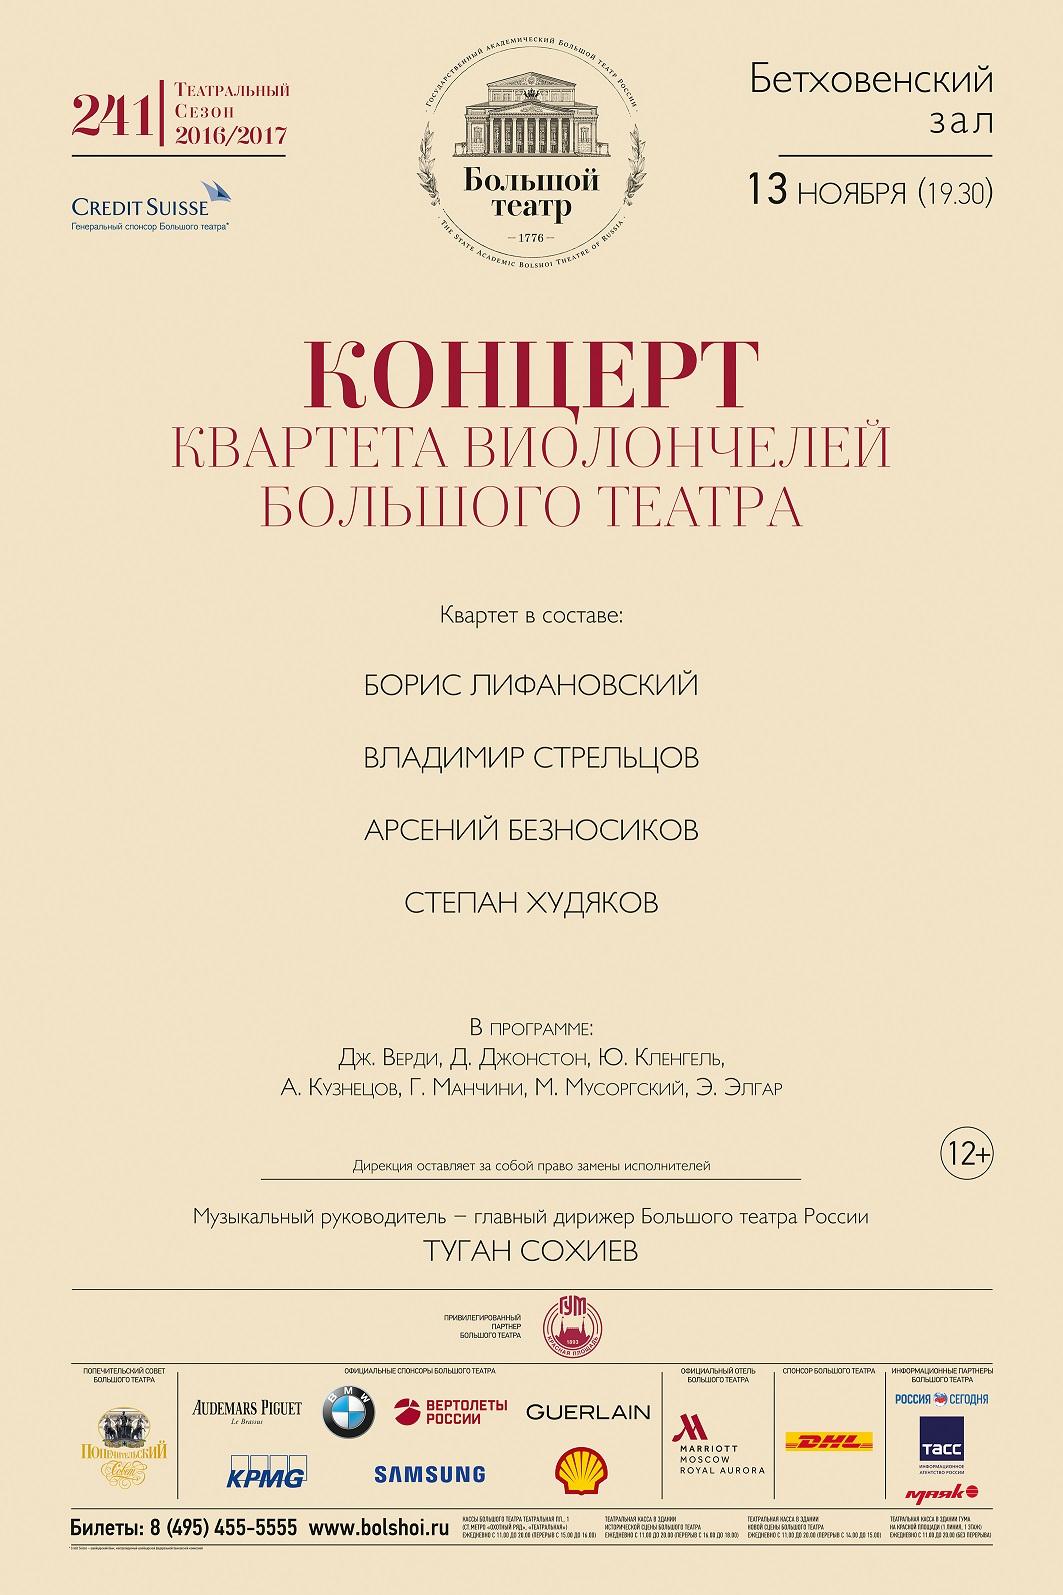 13/11/2016. Бетховенский зал. Квартет виолончелей Большого театра